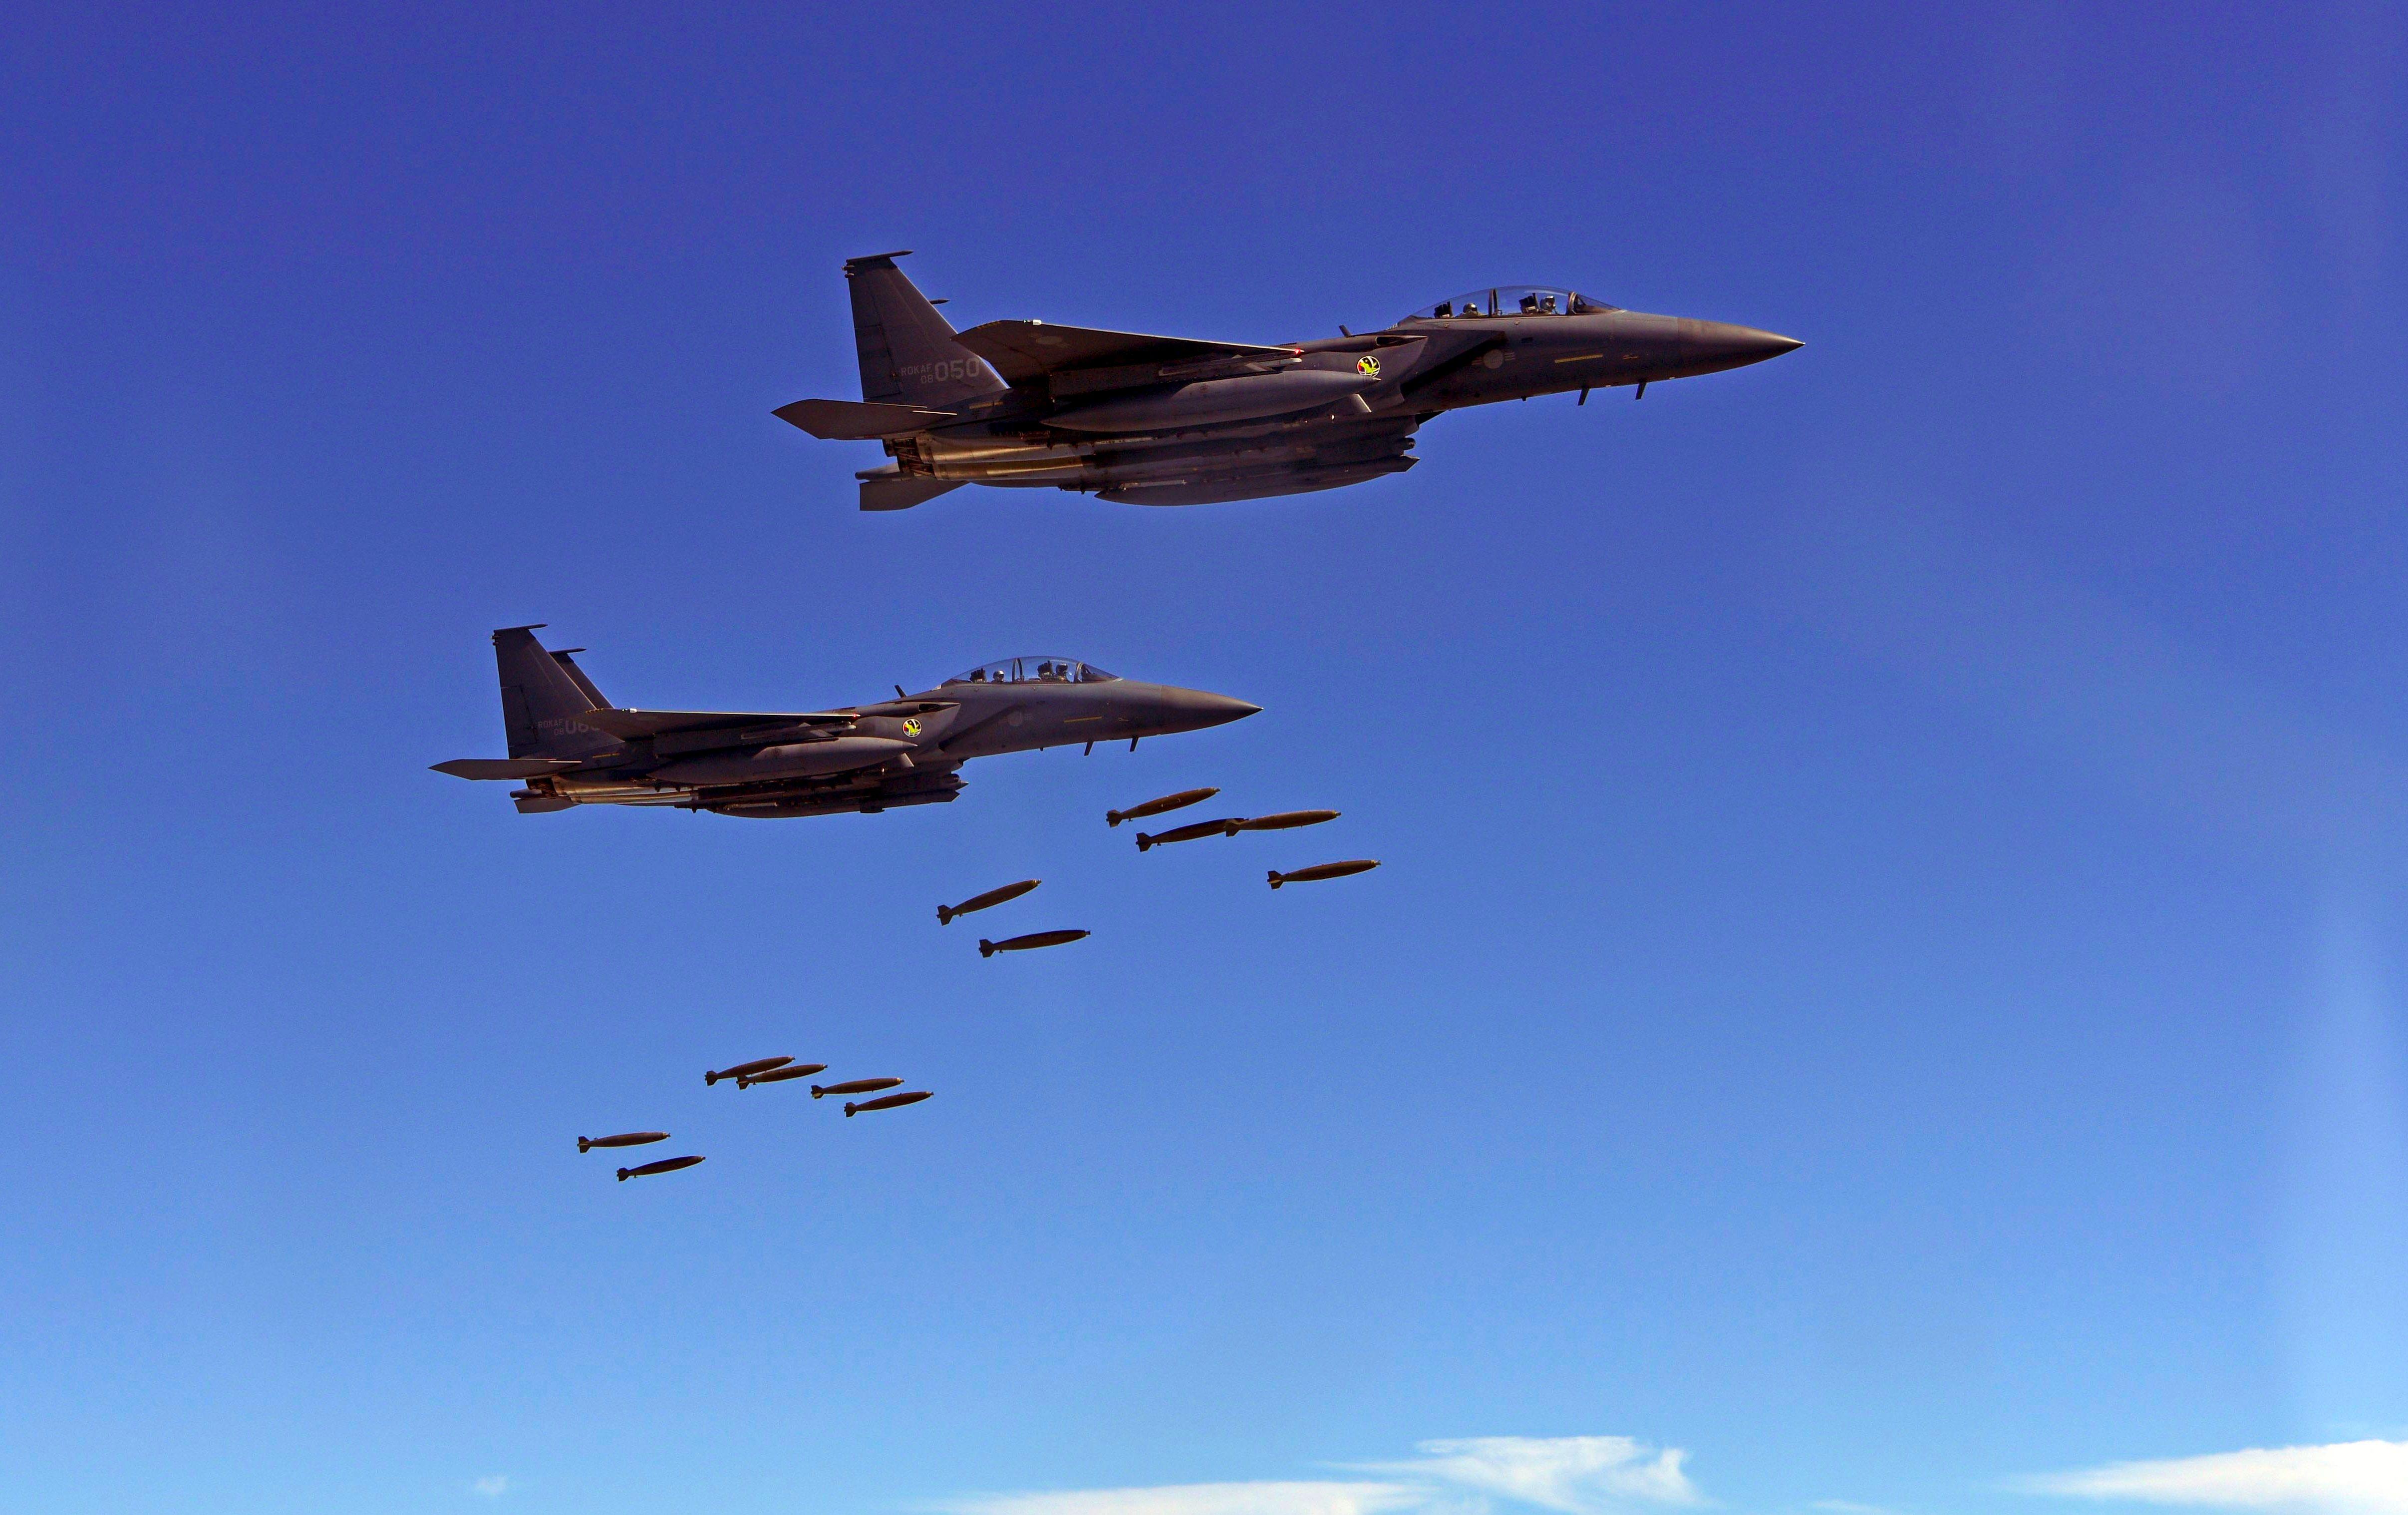 في شهر واحد: الجيش الأمريكي أمطر مُقاتلي طالبان بـ 562 قنبلة